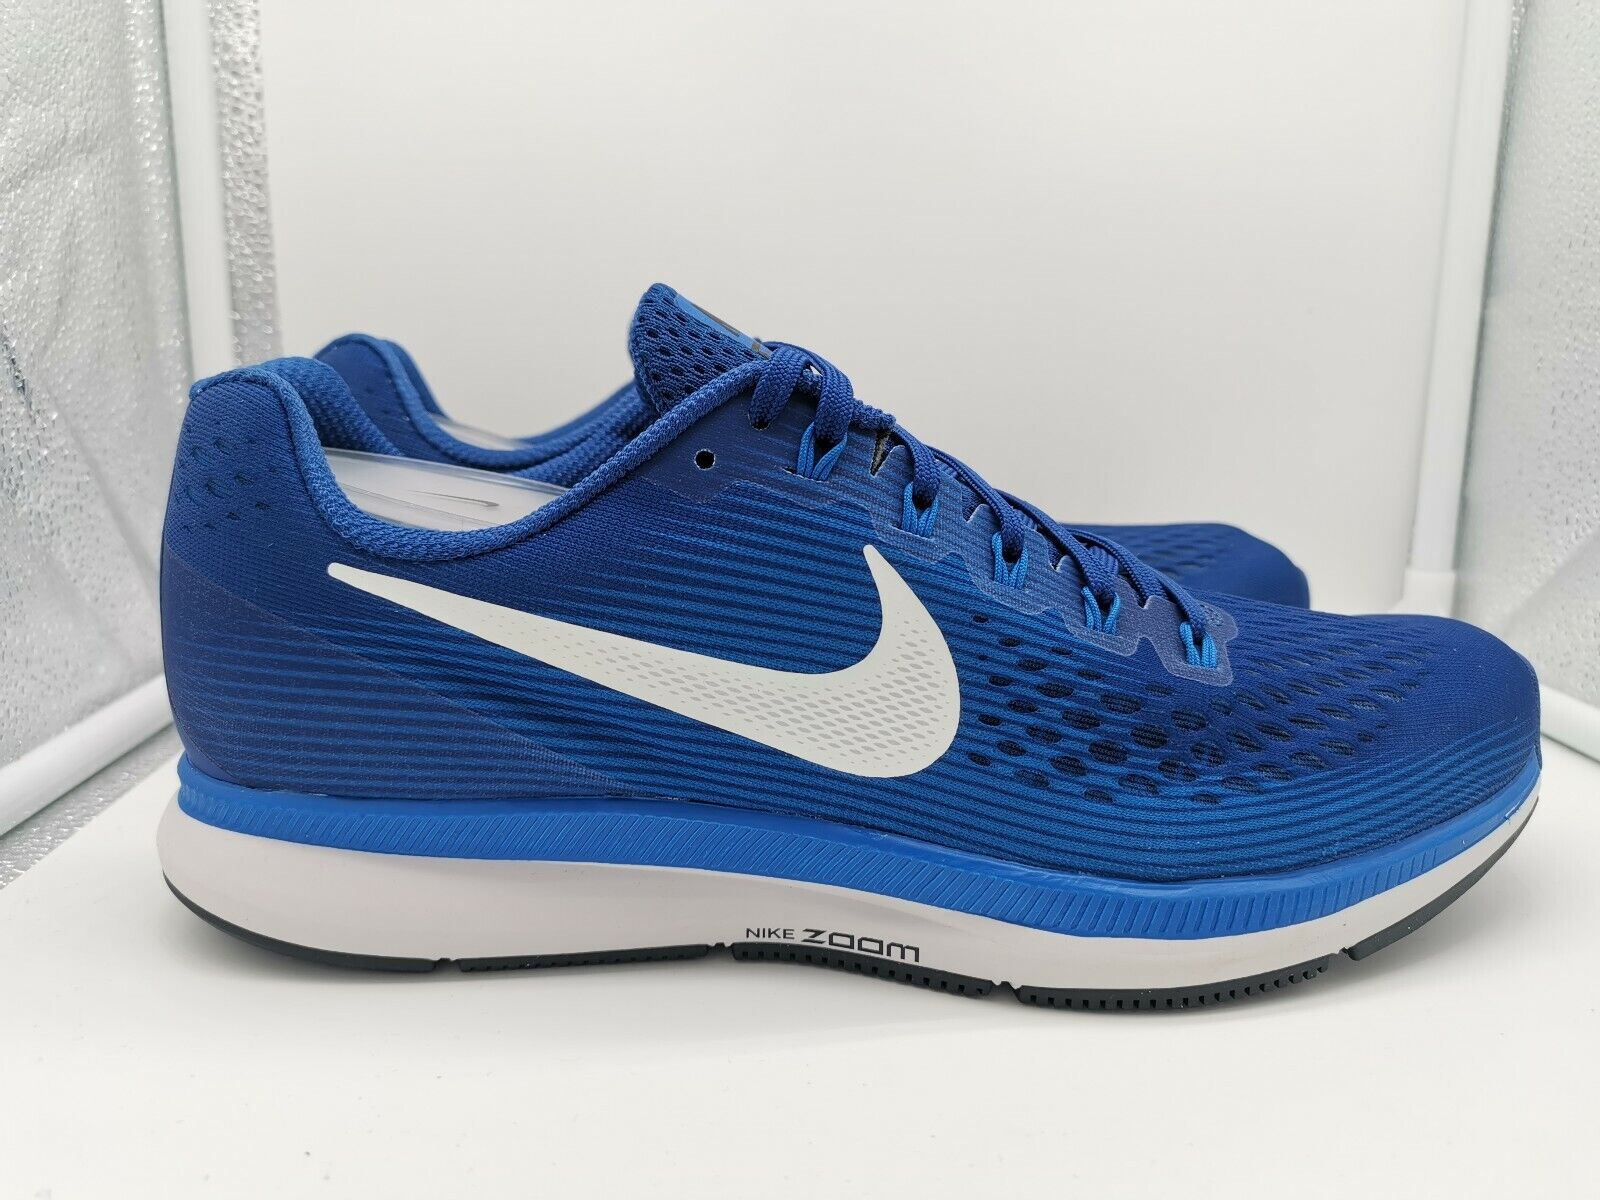 Nike Air Zoom Pegasus 34 UK 7.5 Gym Blau Sail Blau Nebula 880555-410